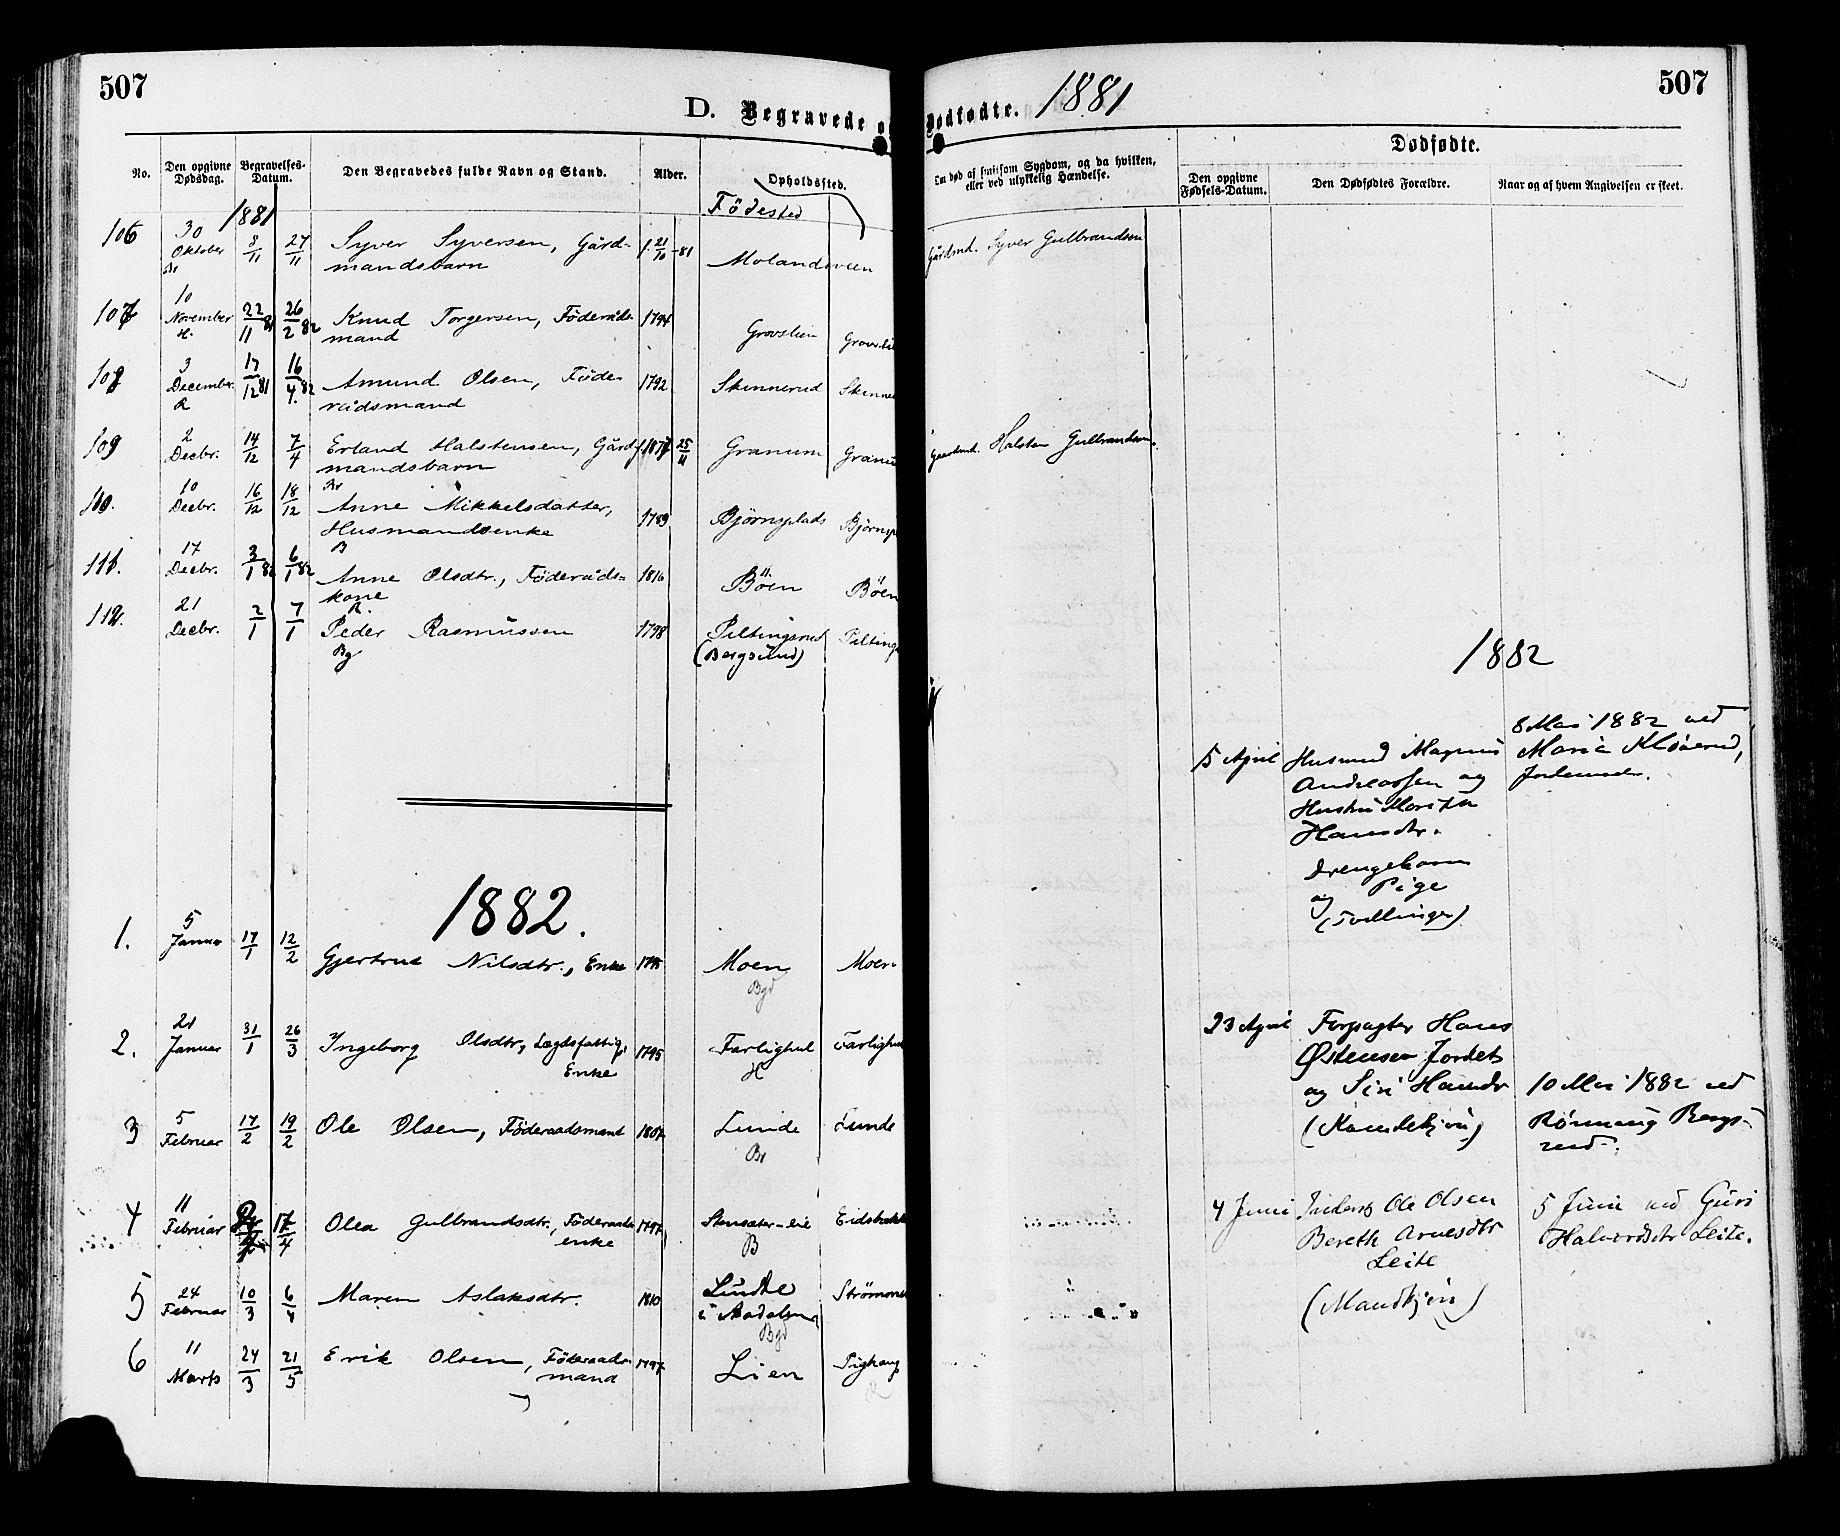 SAH, Sør-Aurdal prestekontor, Ministerialbok nr. 8, 1877-1885, s. 507